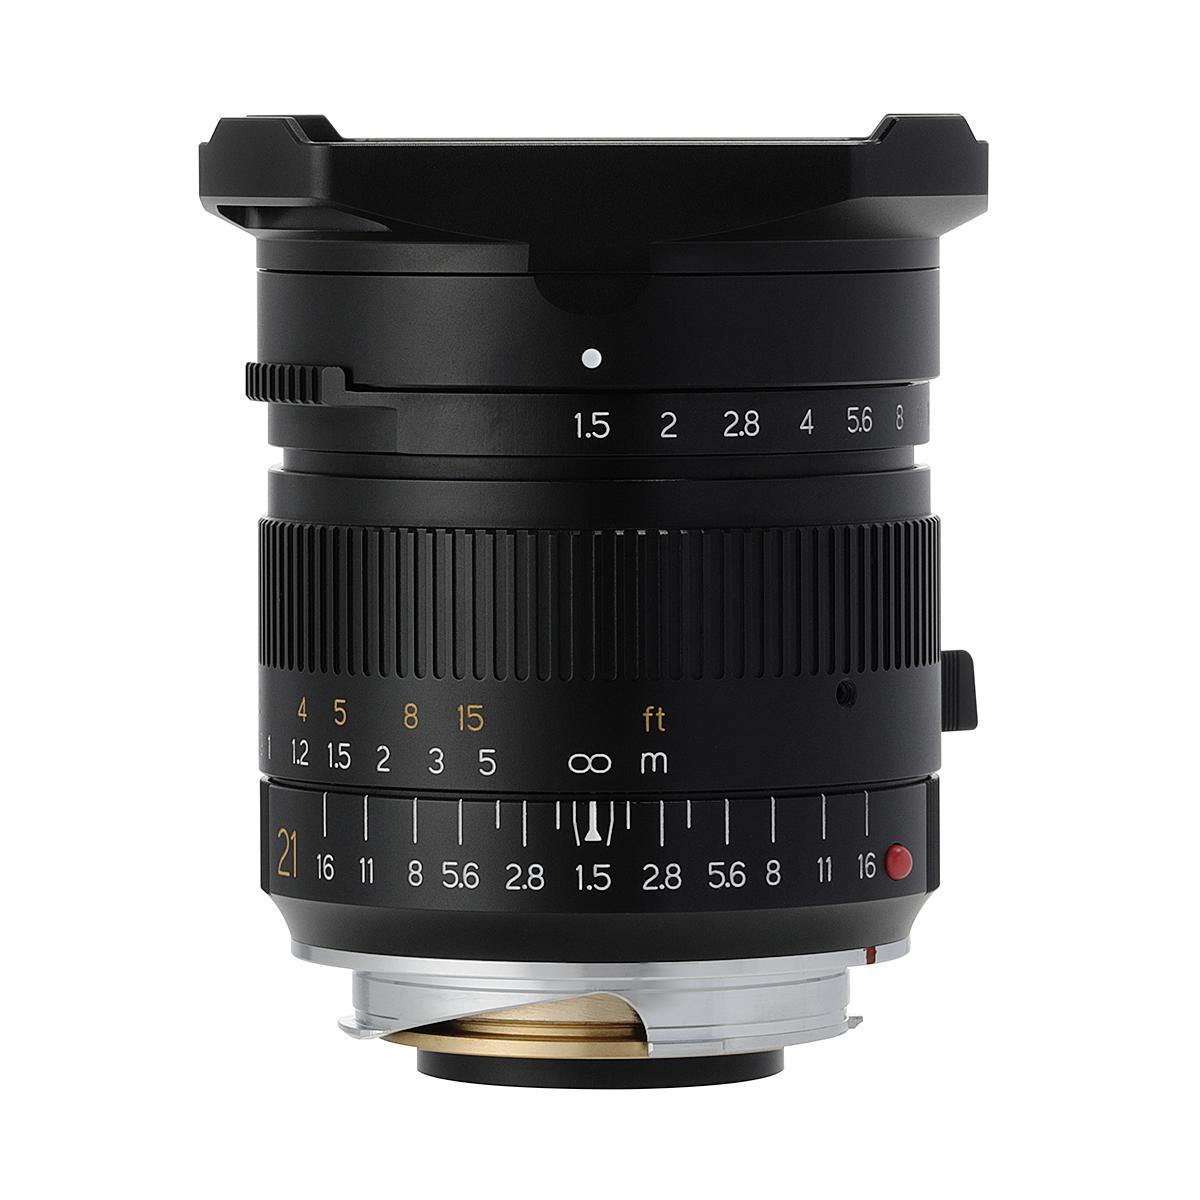 銘匠光学 TTArtisan 21mm f/1.5 ASPH ライカMマウント ブラック 単焦点レンズ